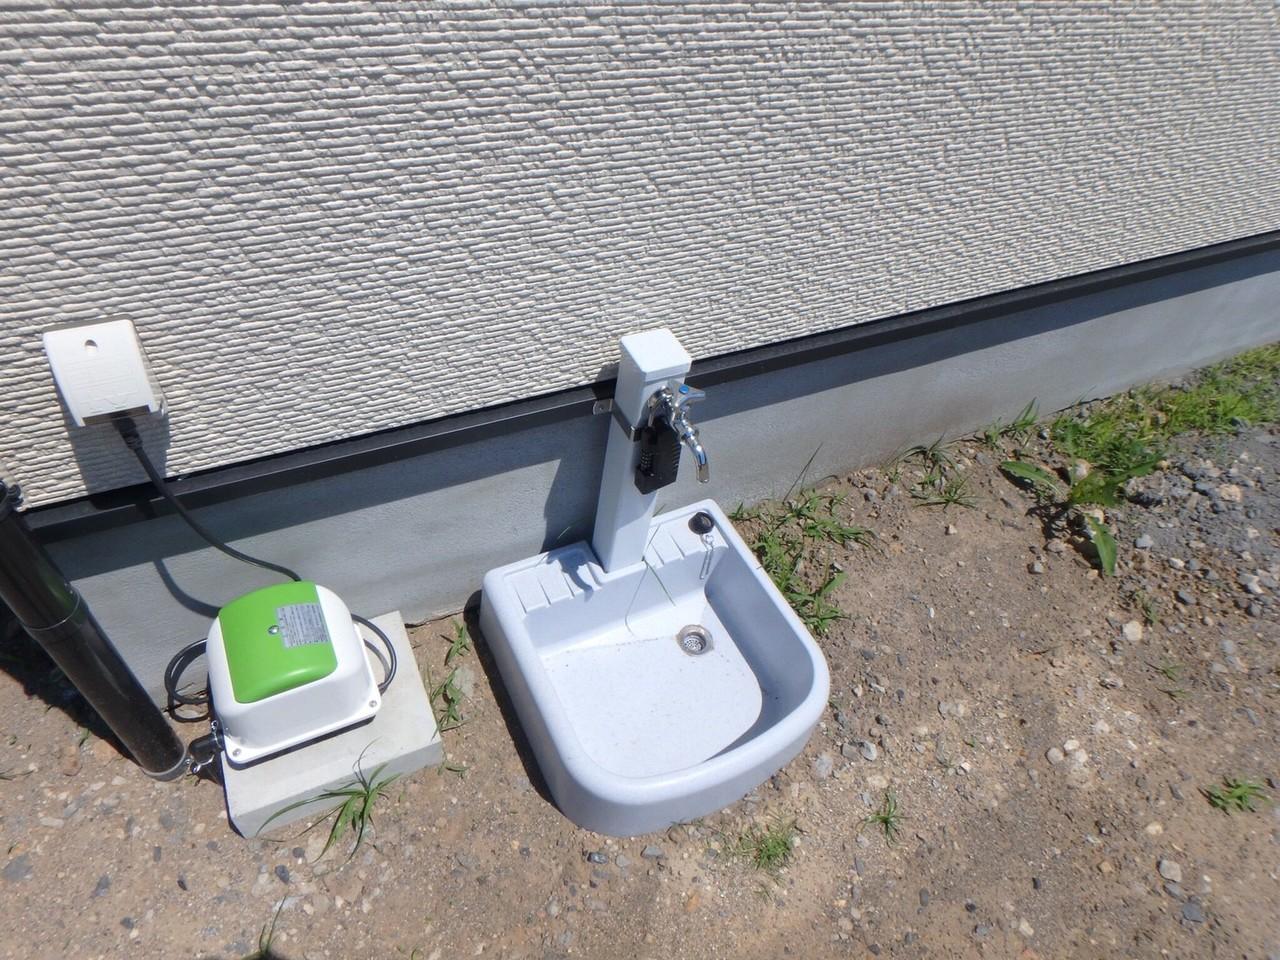 お庭には外水洗も最初から付いています。 子どもと水遊びしたり、車の洗車をしたりなど、便利ですね。